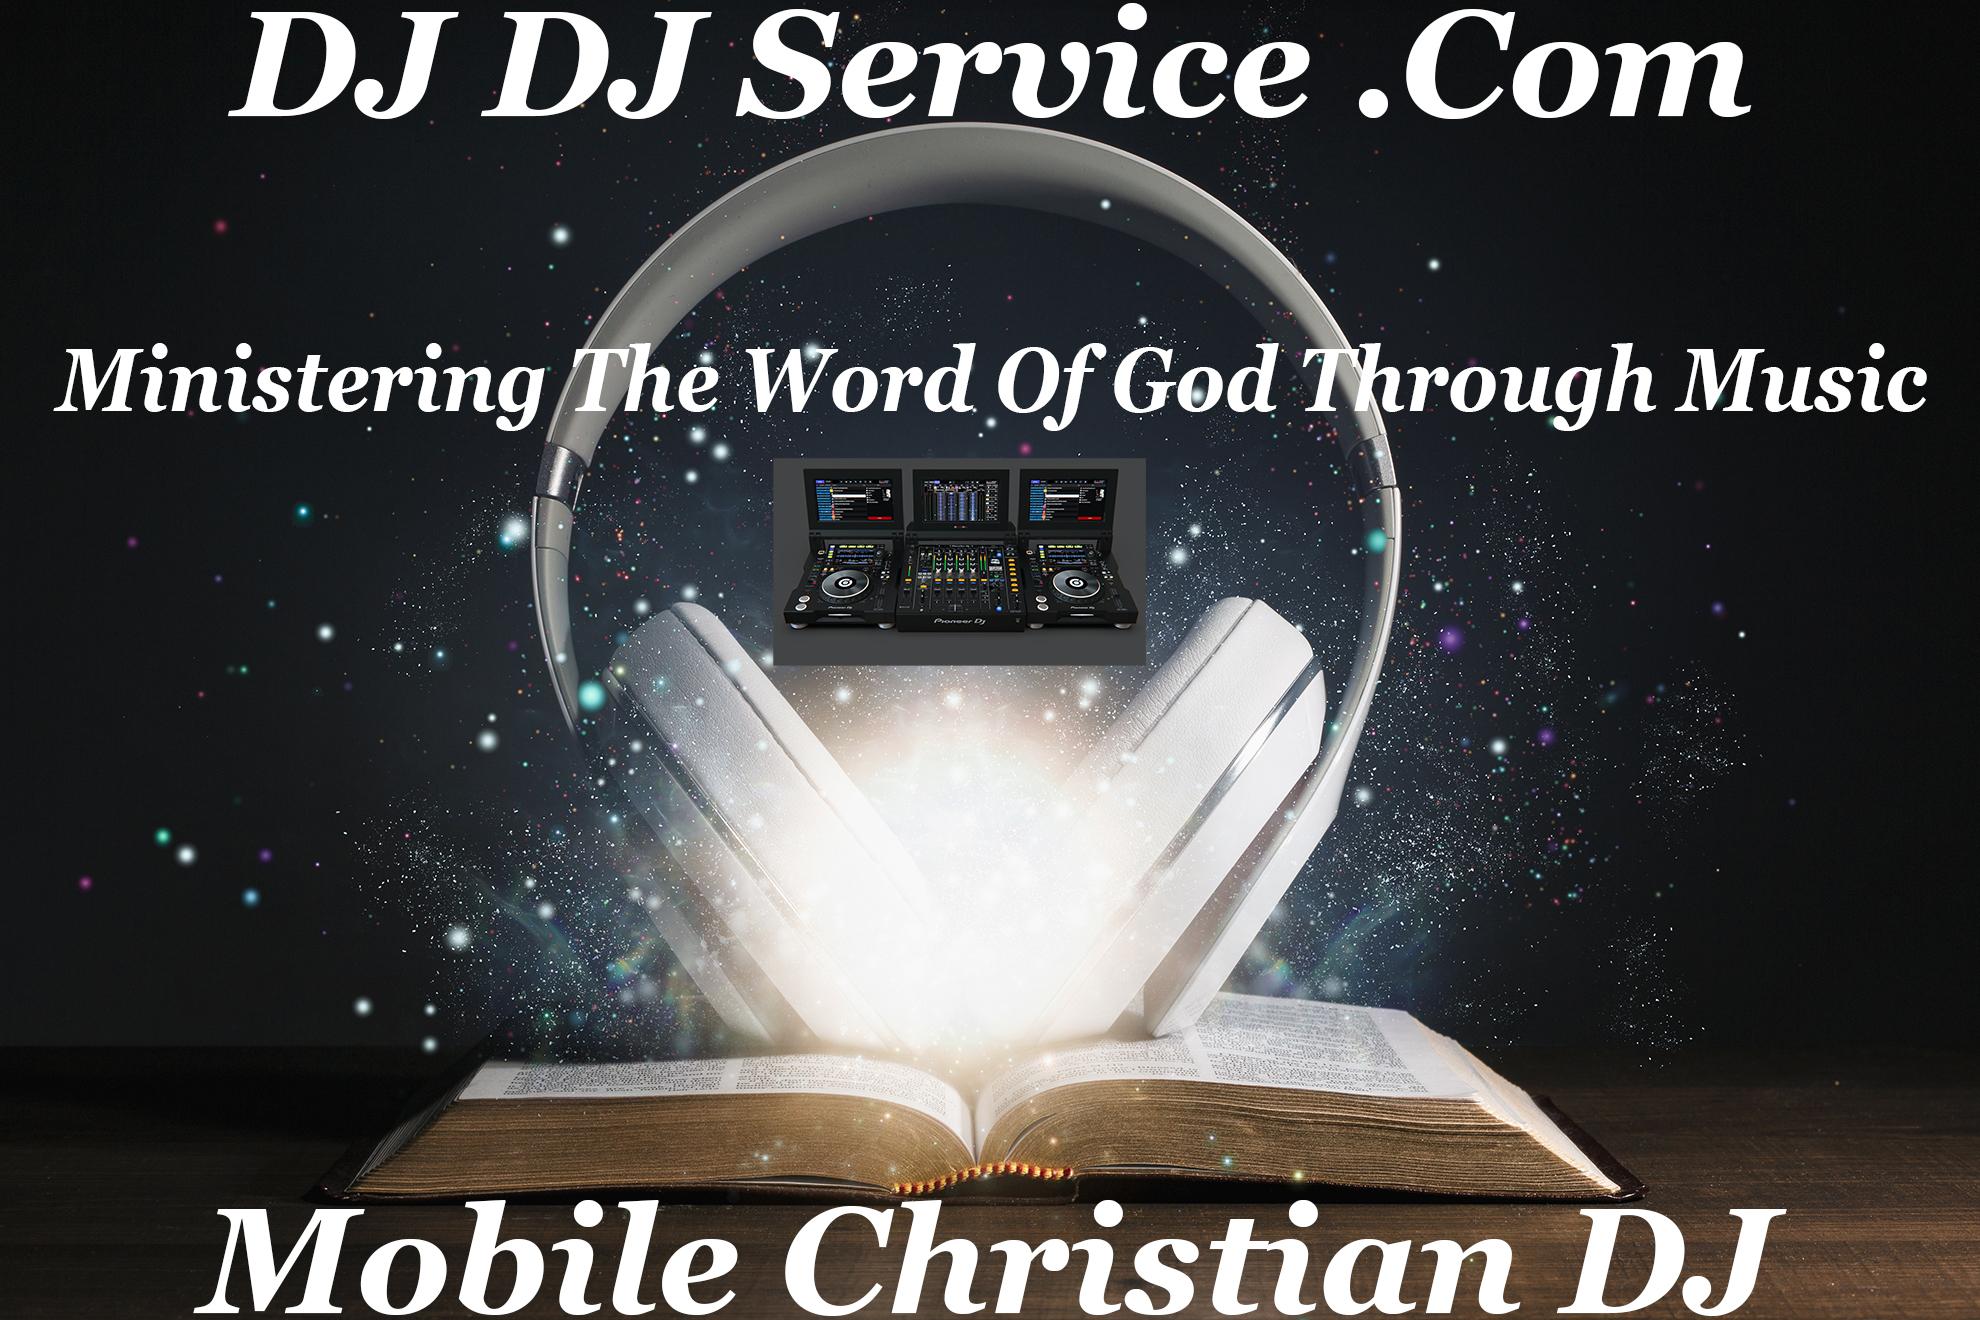 christian-dj-atlanta-georgia-dj-dj-service-com-usa